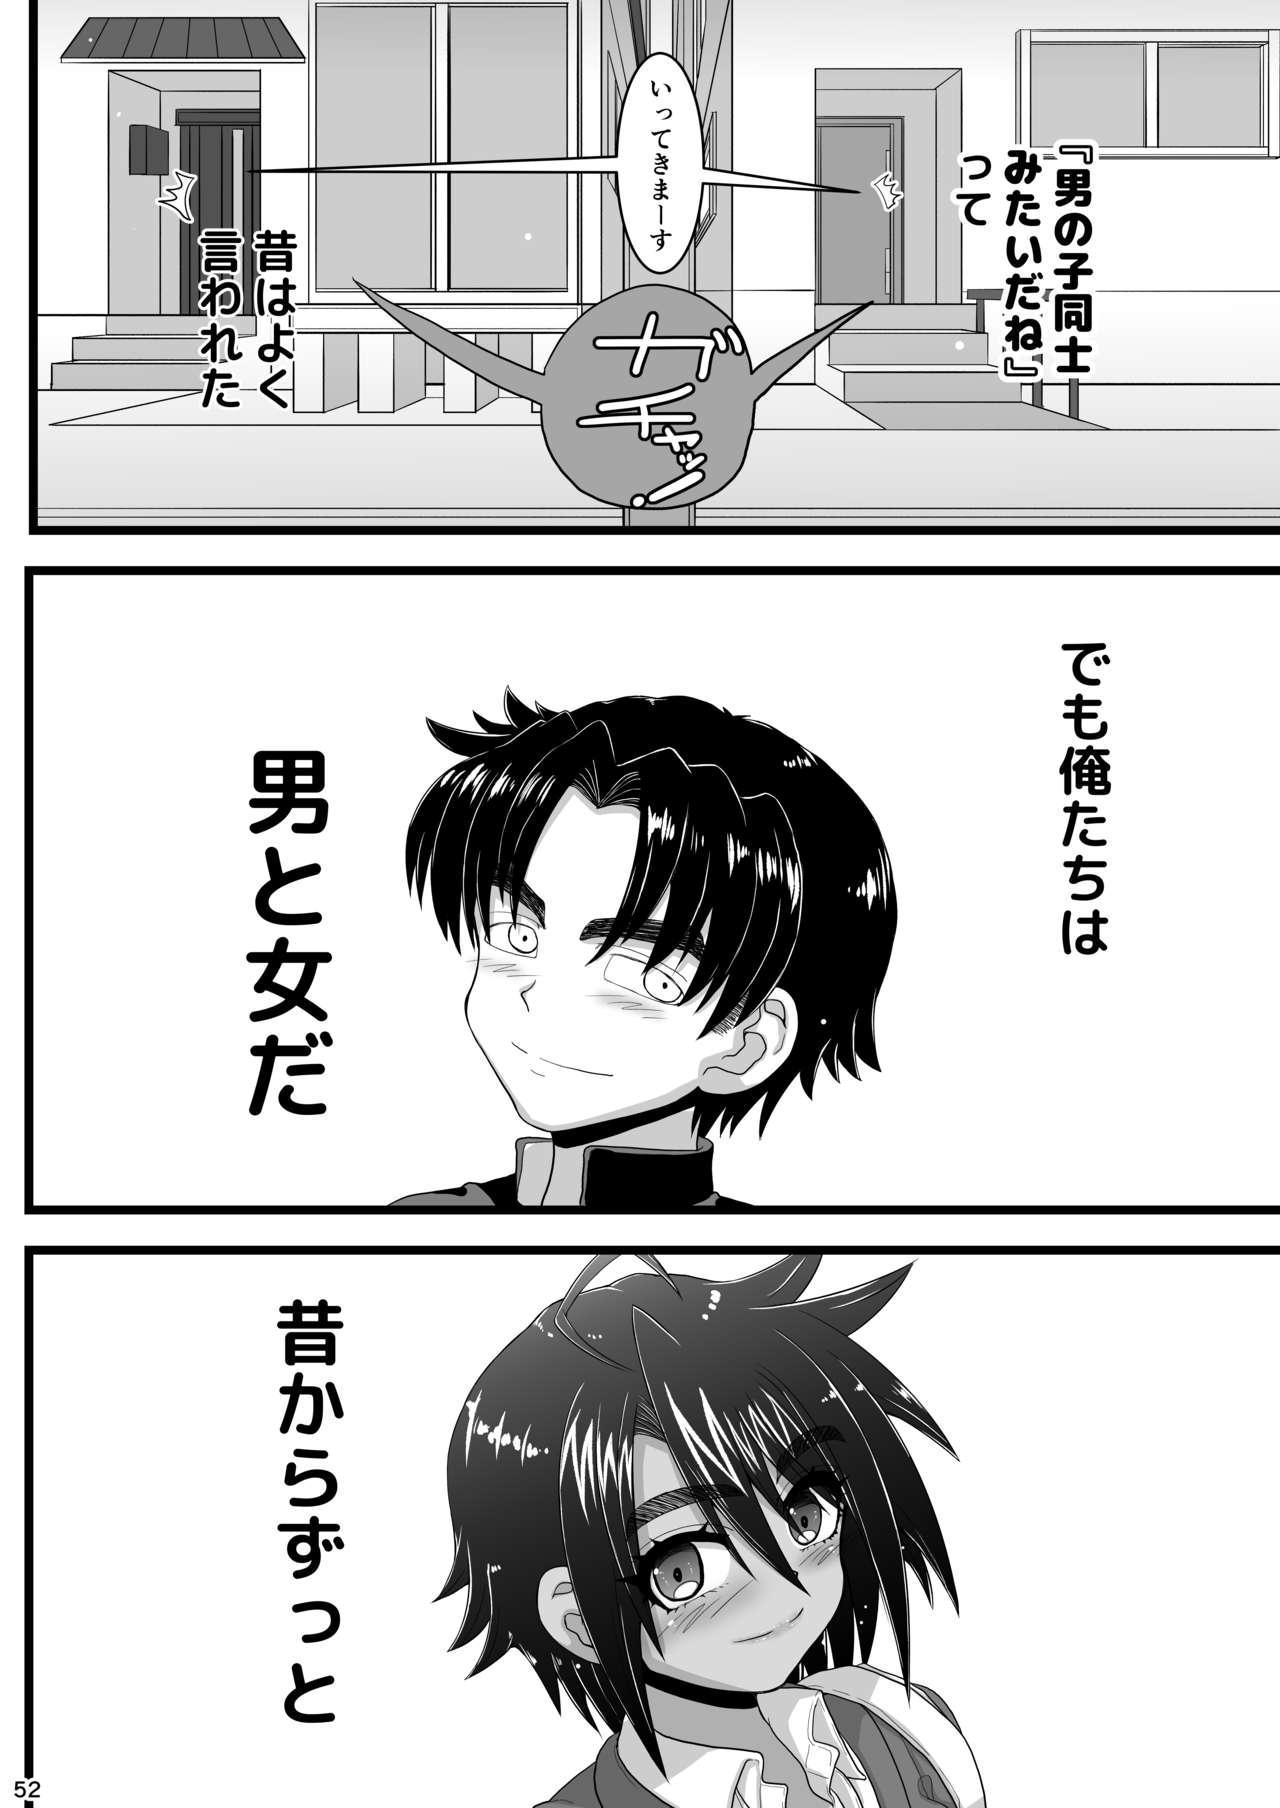 Osananajimi wa Joshikou no Ouji dakedo Ore no Mae de wa Mesu ni Naru 51